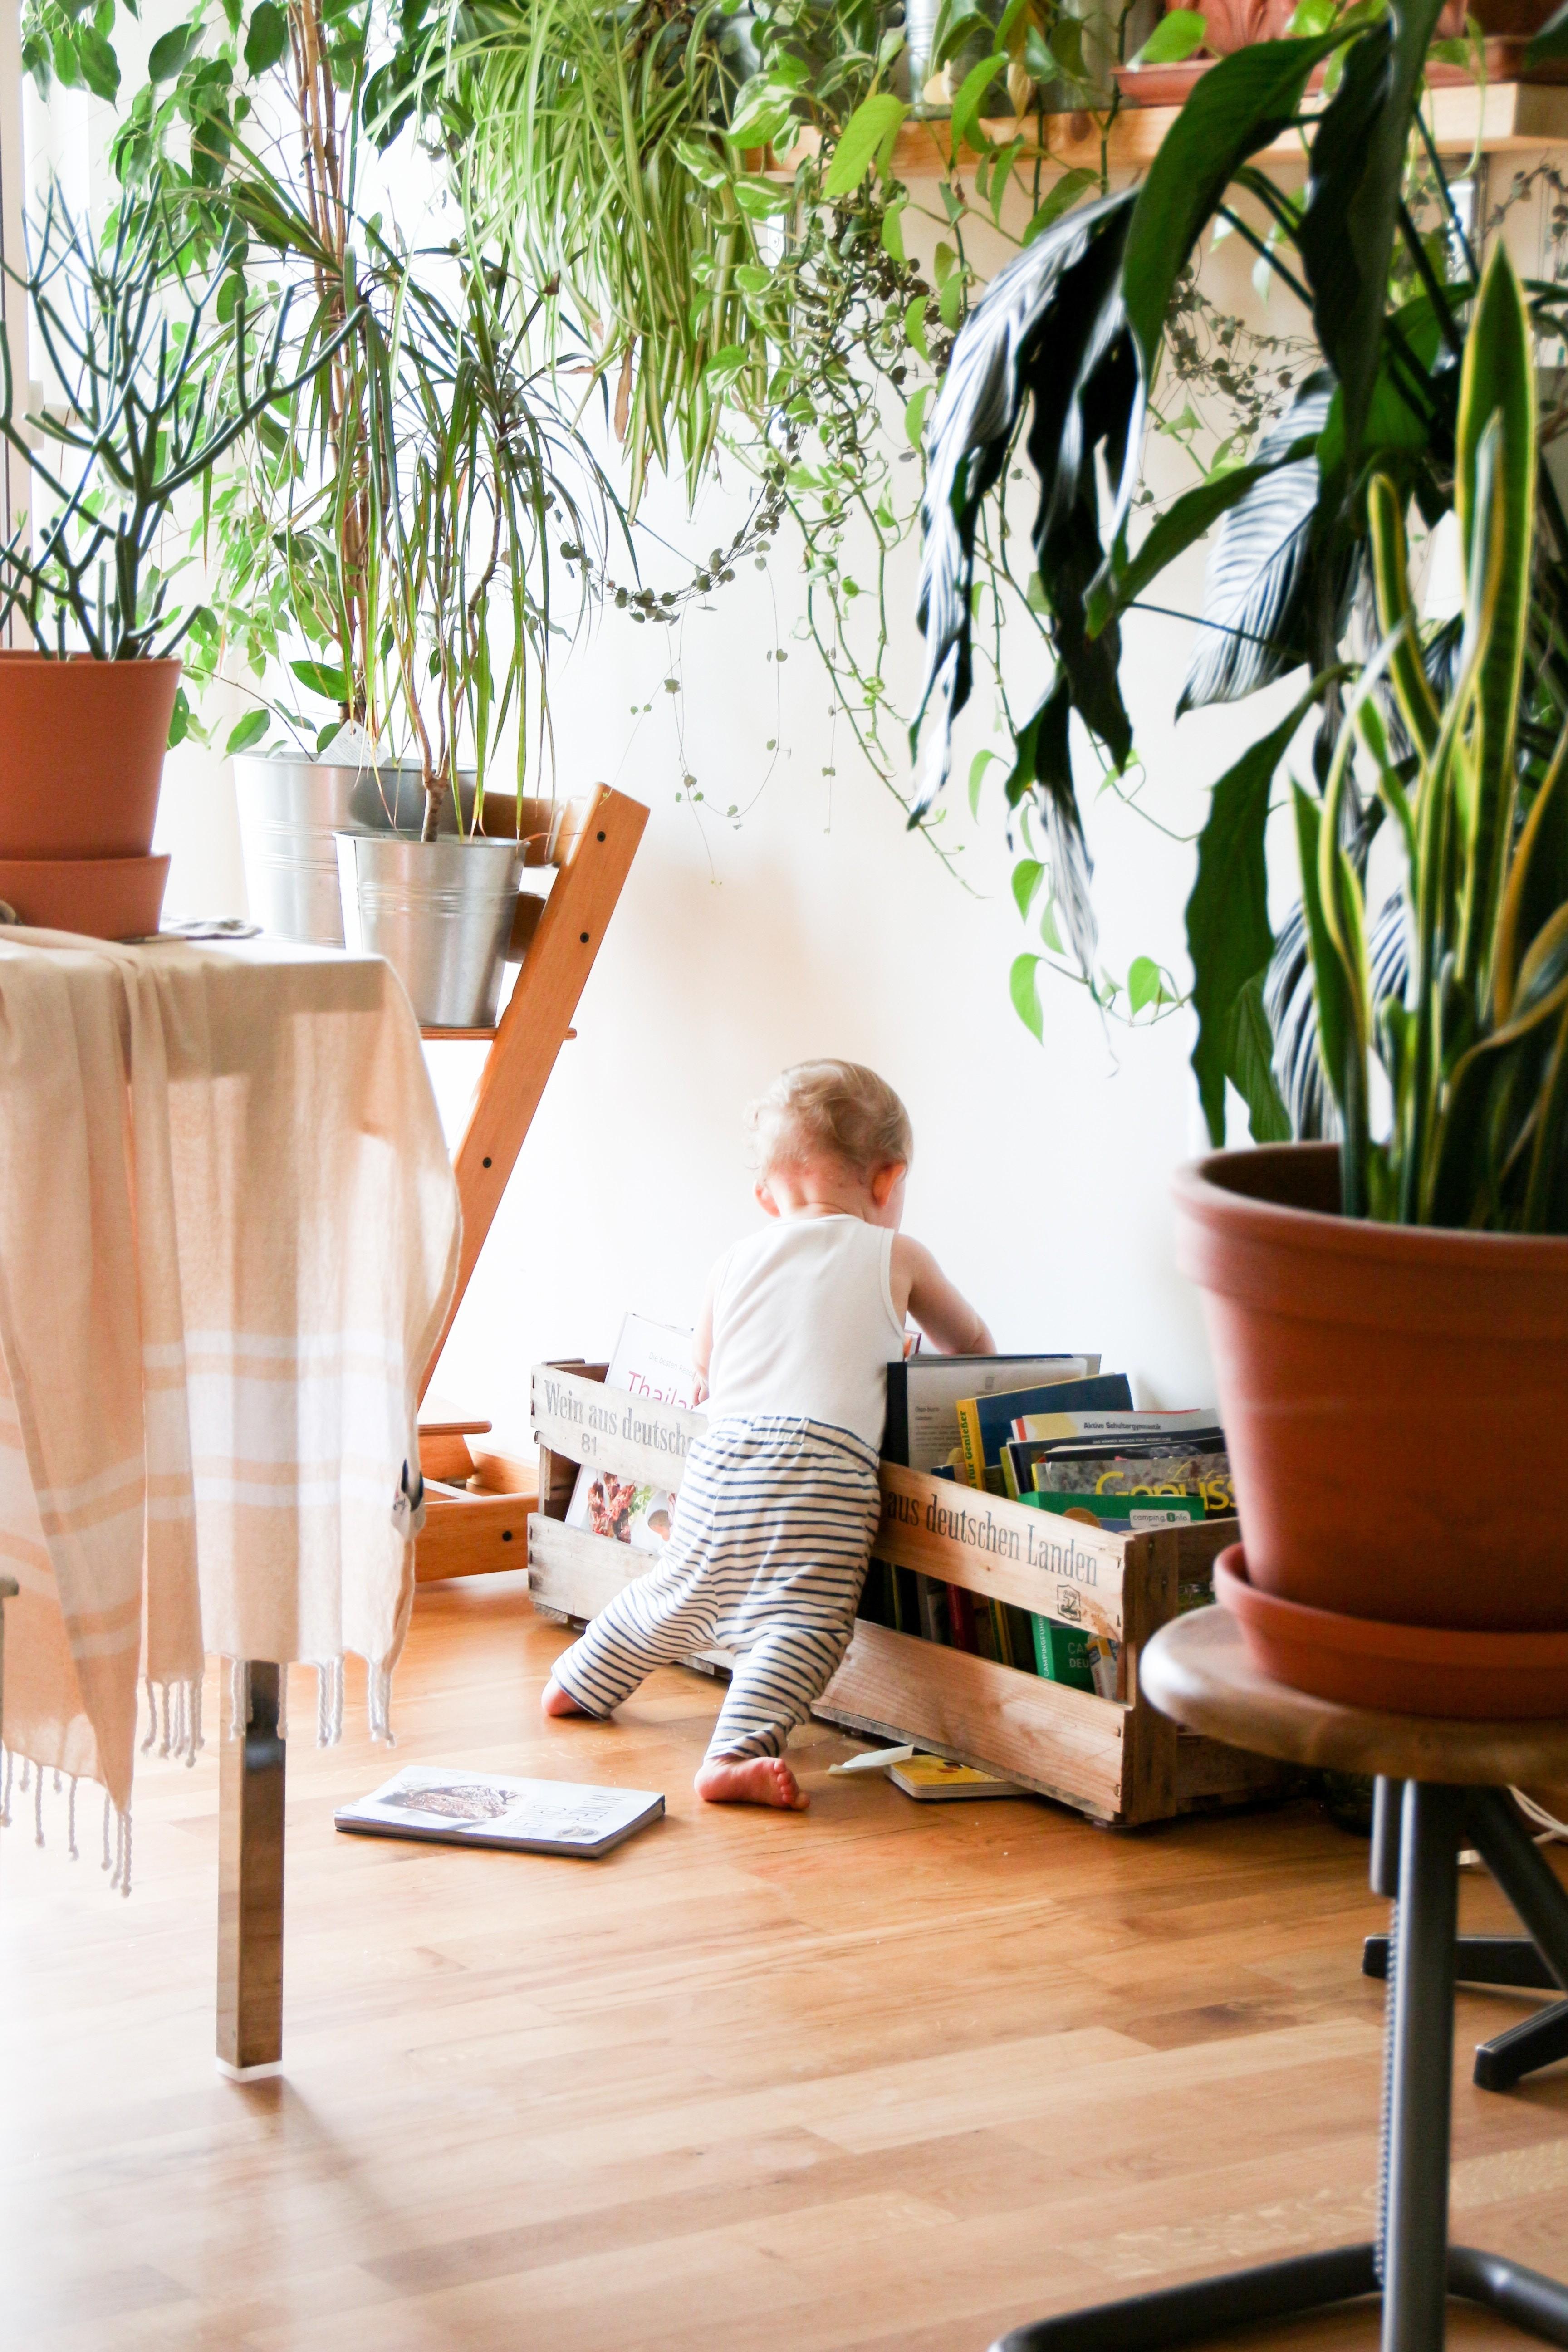 Нейронные связи мозга в развитие малыша: наука и практика